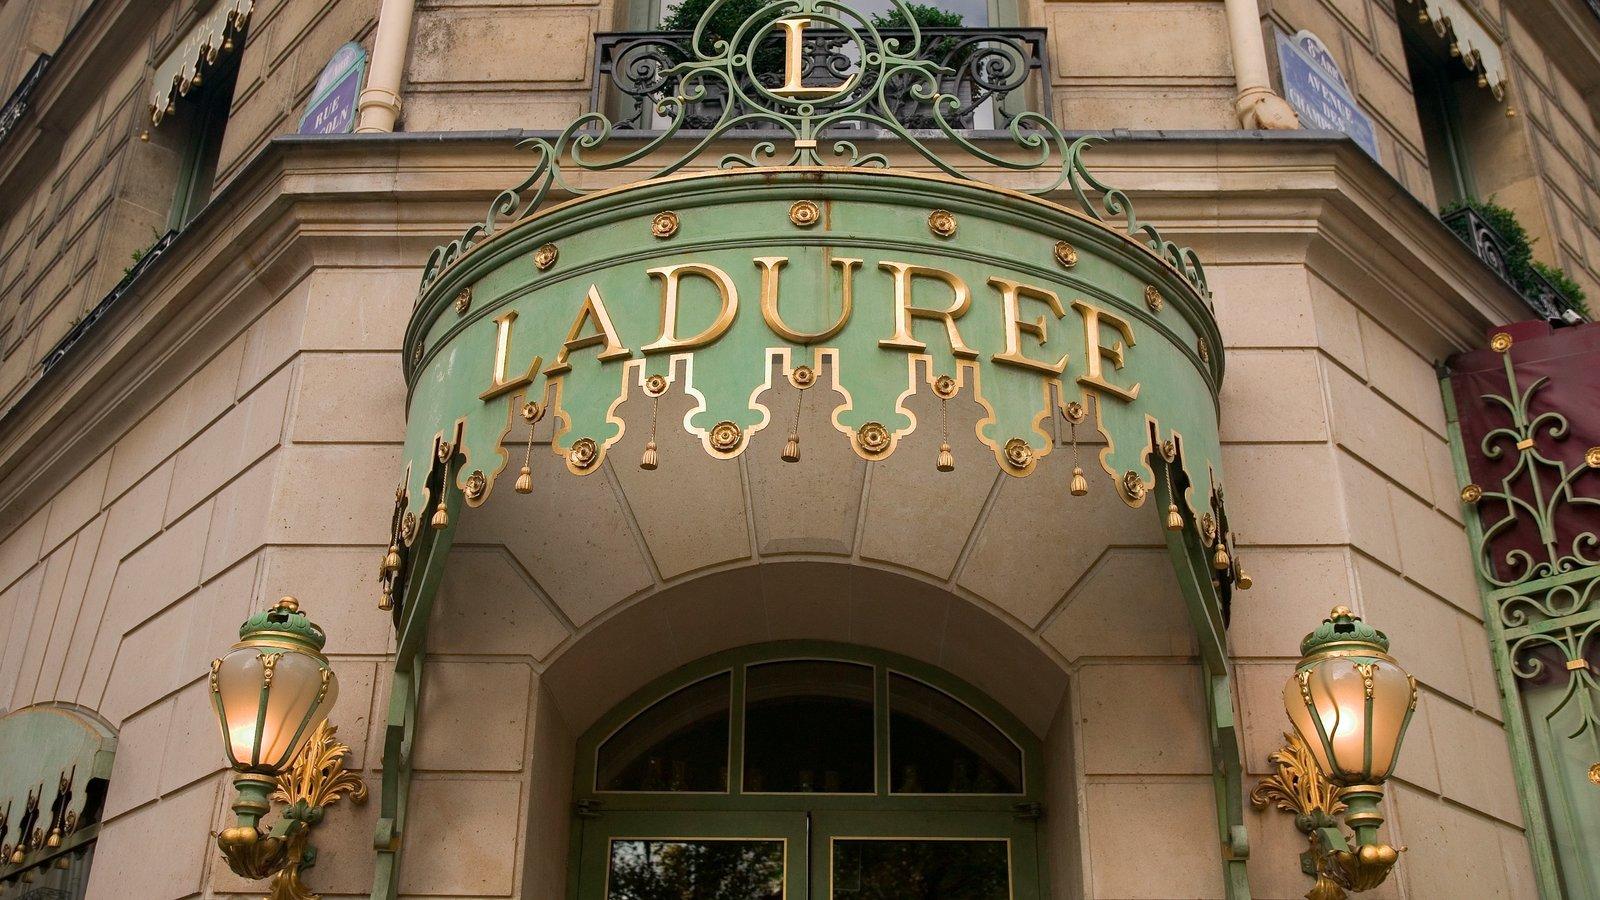 Champs Élysées caracterizando um hotel, uma cidade e sinalização